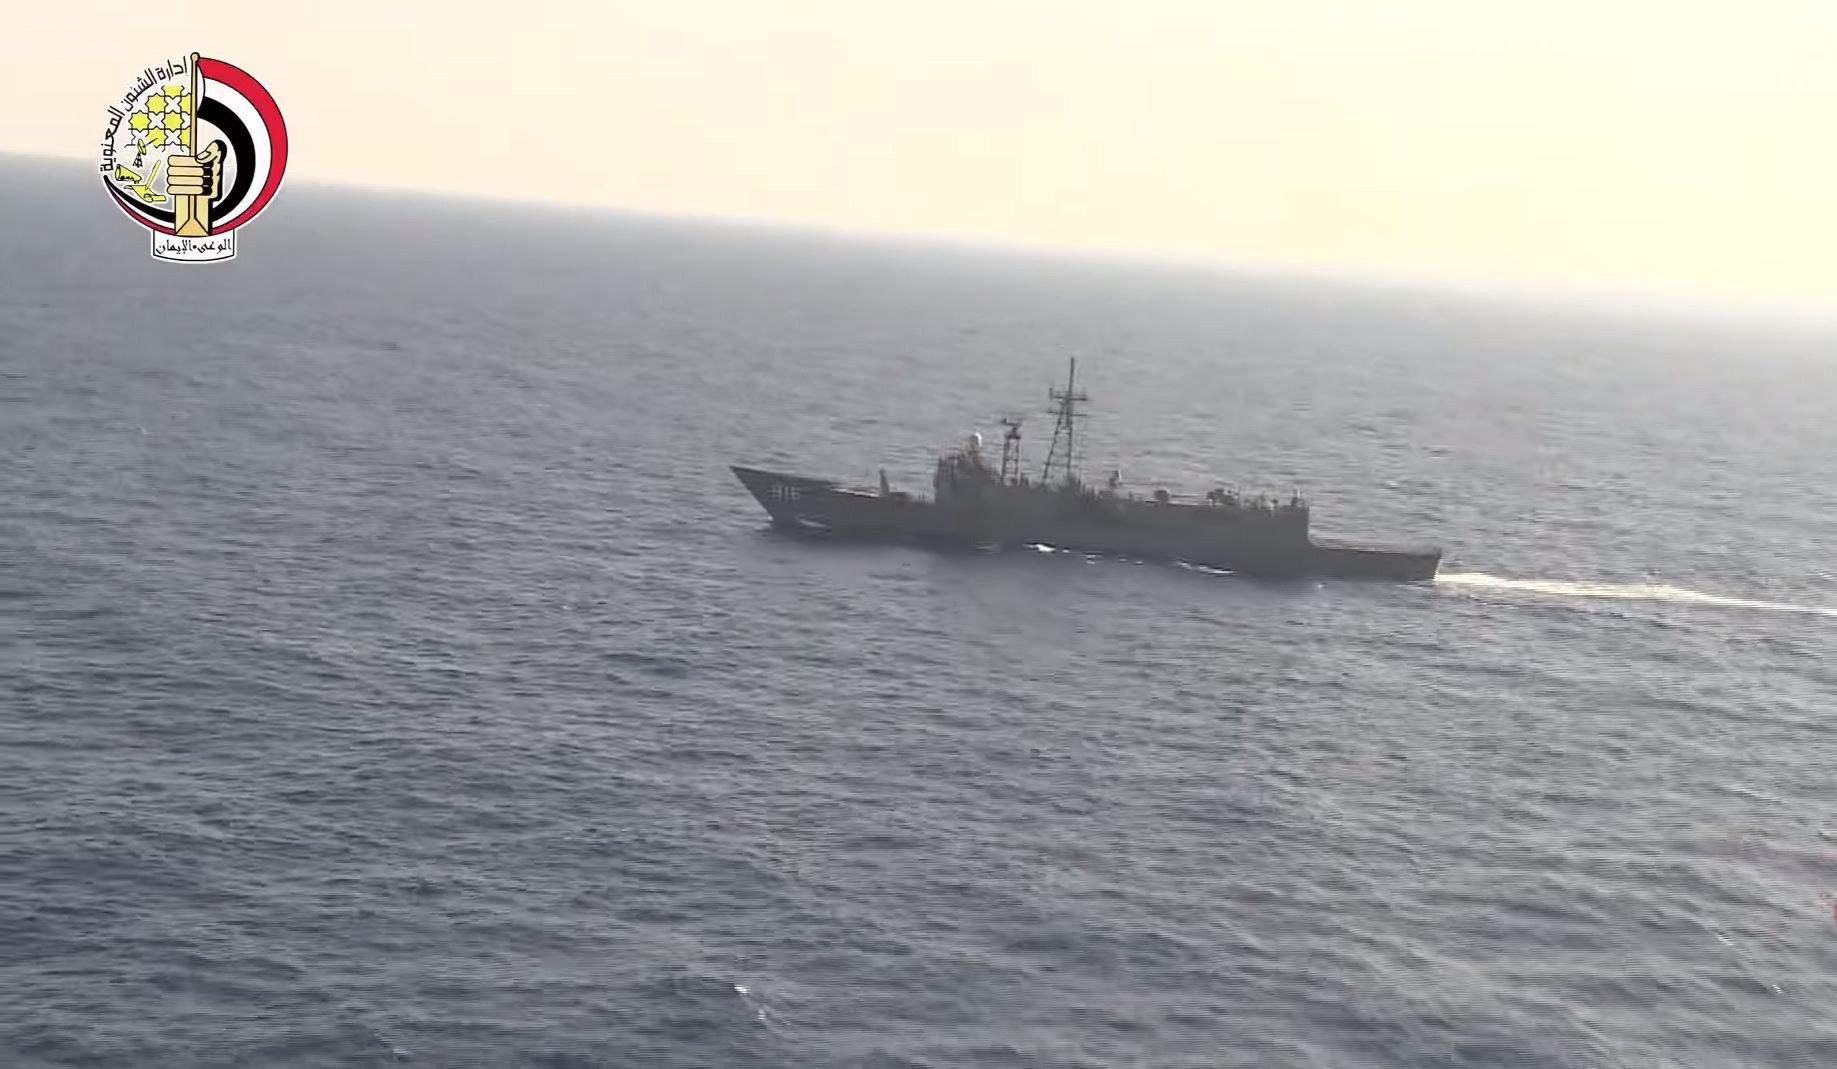 Ägypten setzt auch Kriegsschiffe im Mittelmeer ein, um nach Resten der abgestürzten Egyptair-Maschine zu suchen.